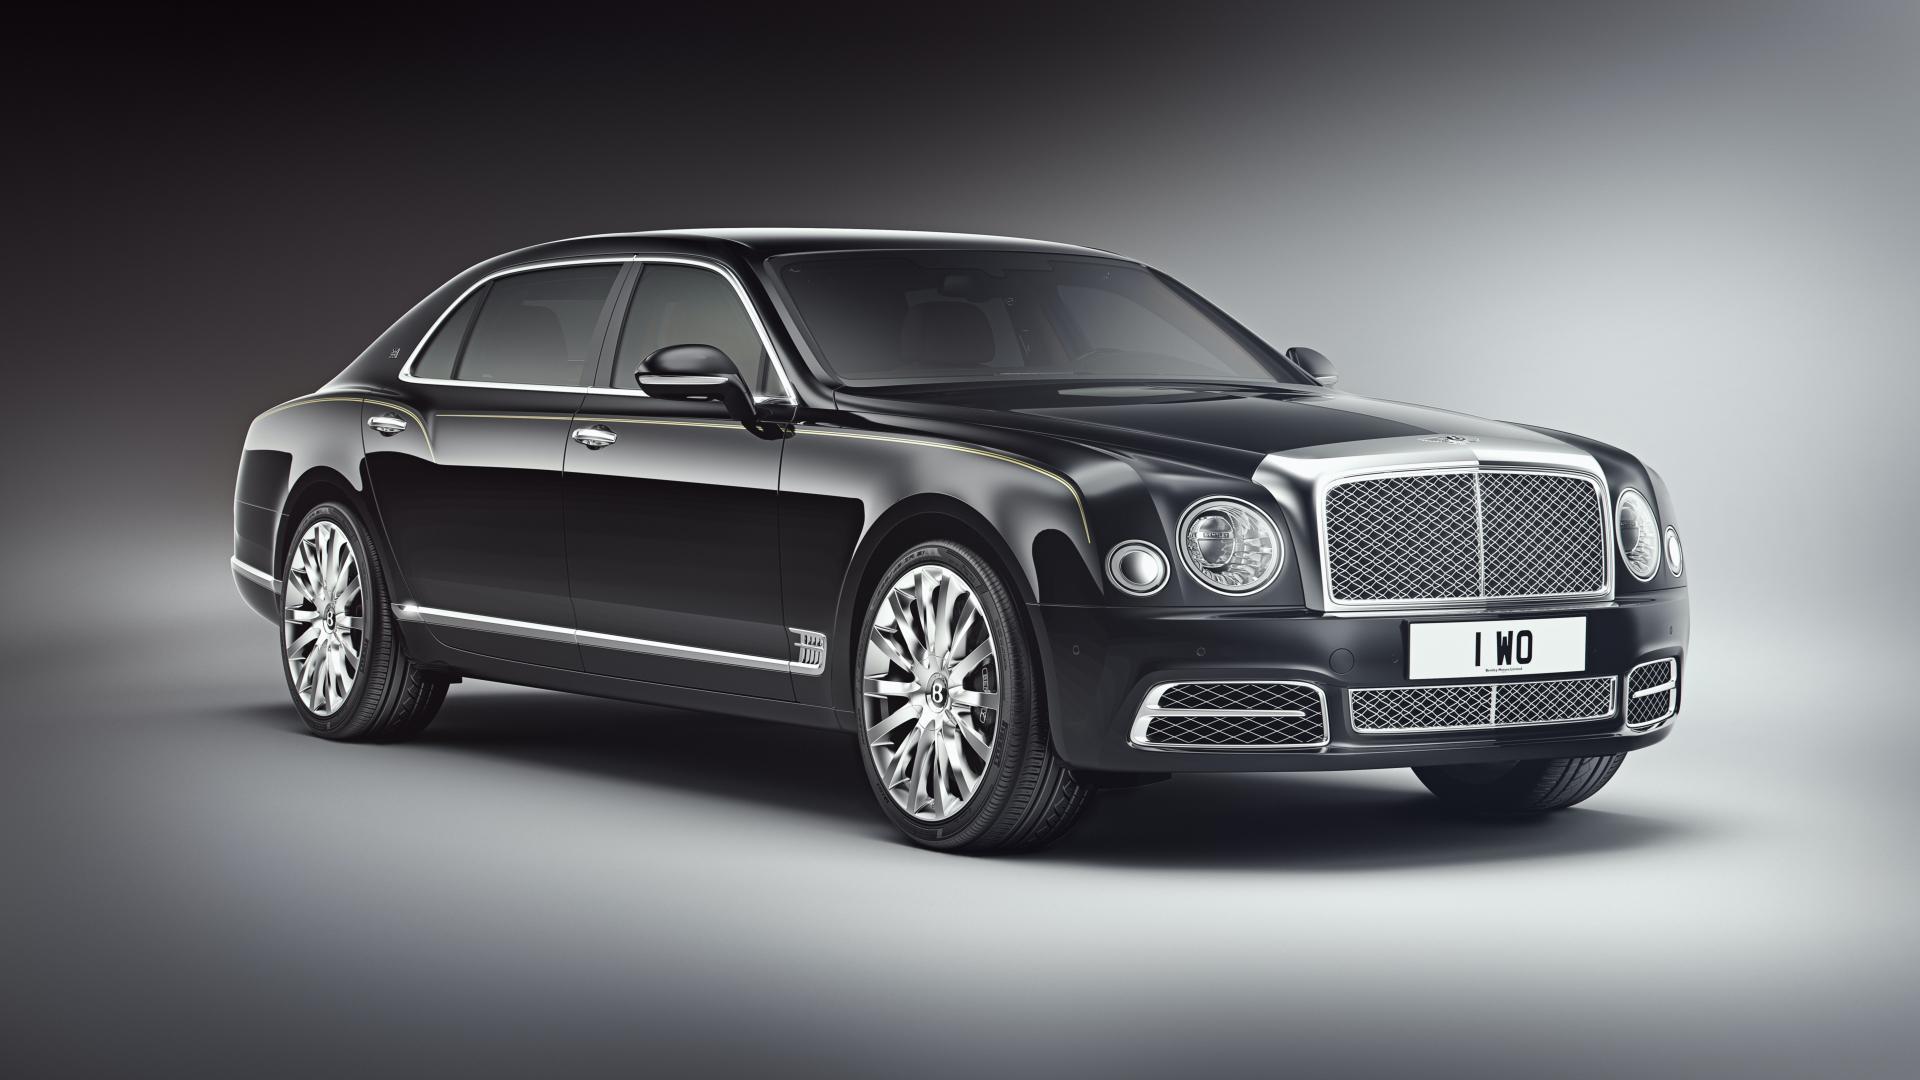 Bentley-Mulsanne-EWB-Limited-Edition-by-Mulliner-1